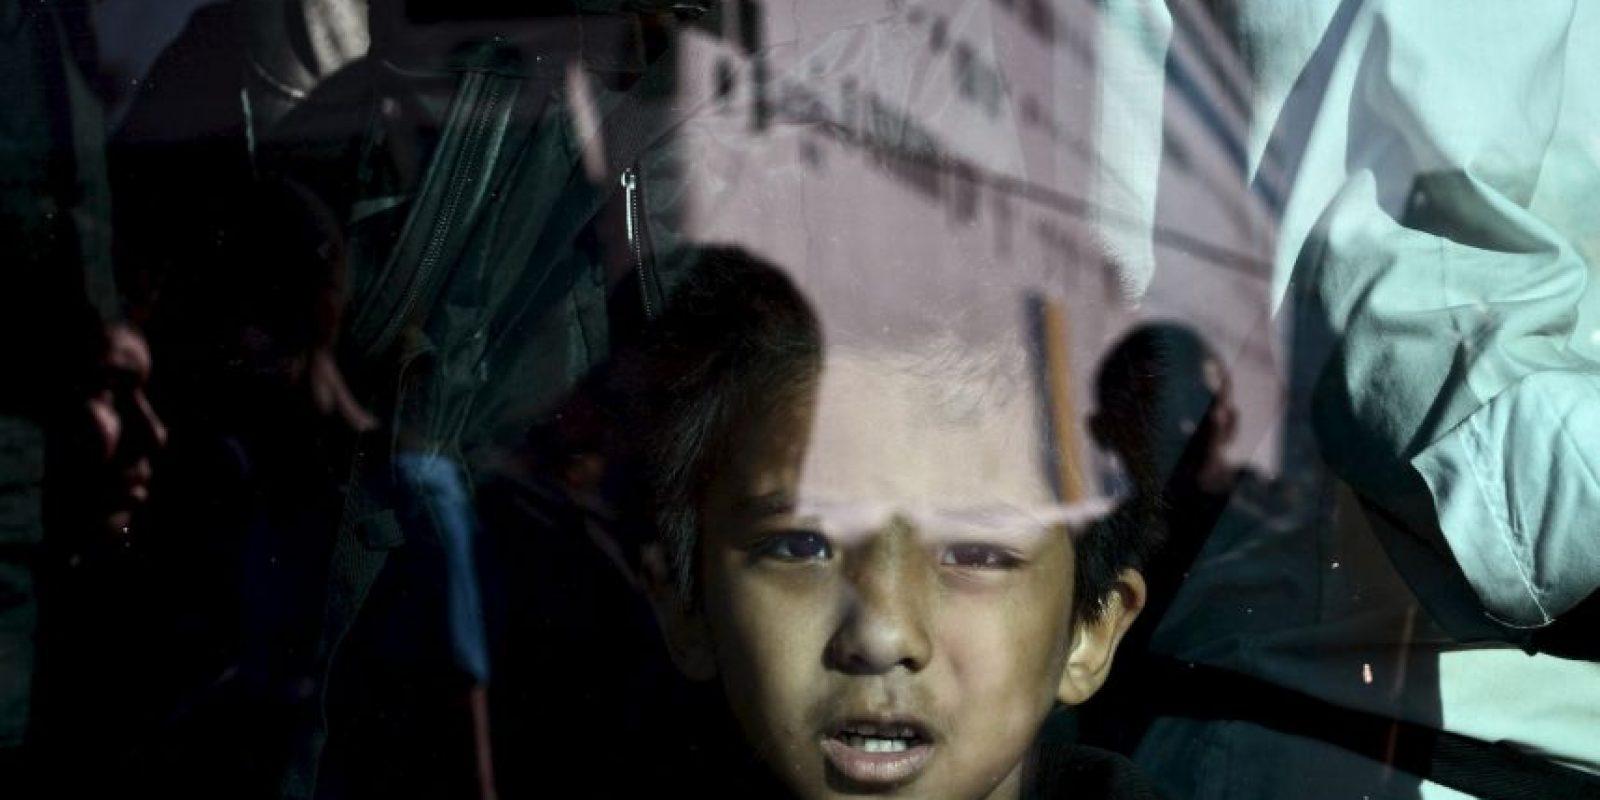 Niño refugiados en un autobús en Grecia. Foto:AFP